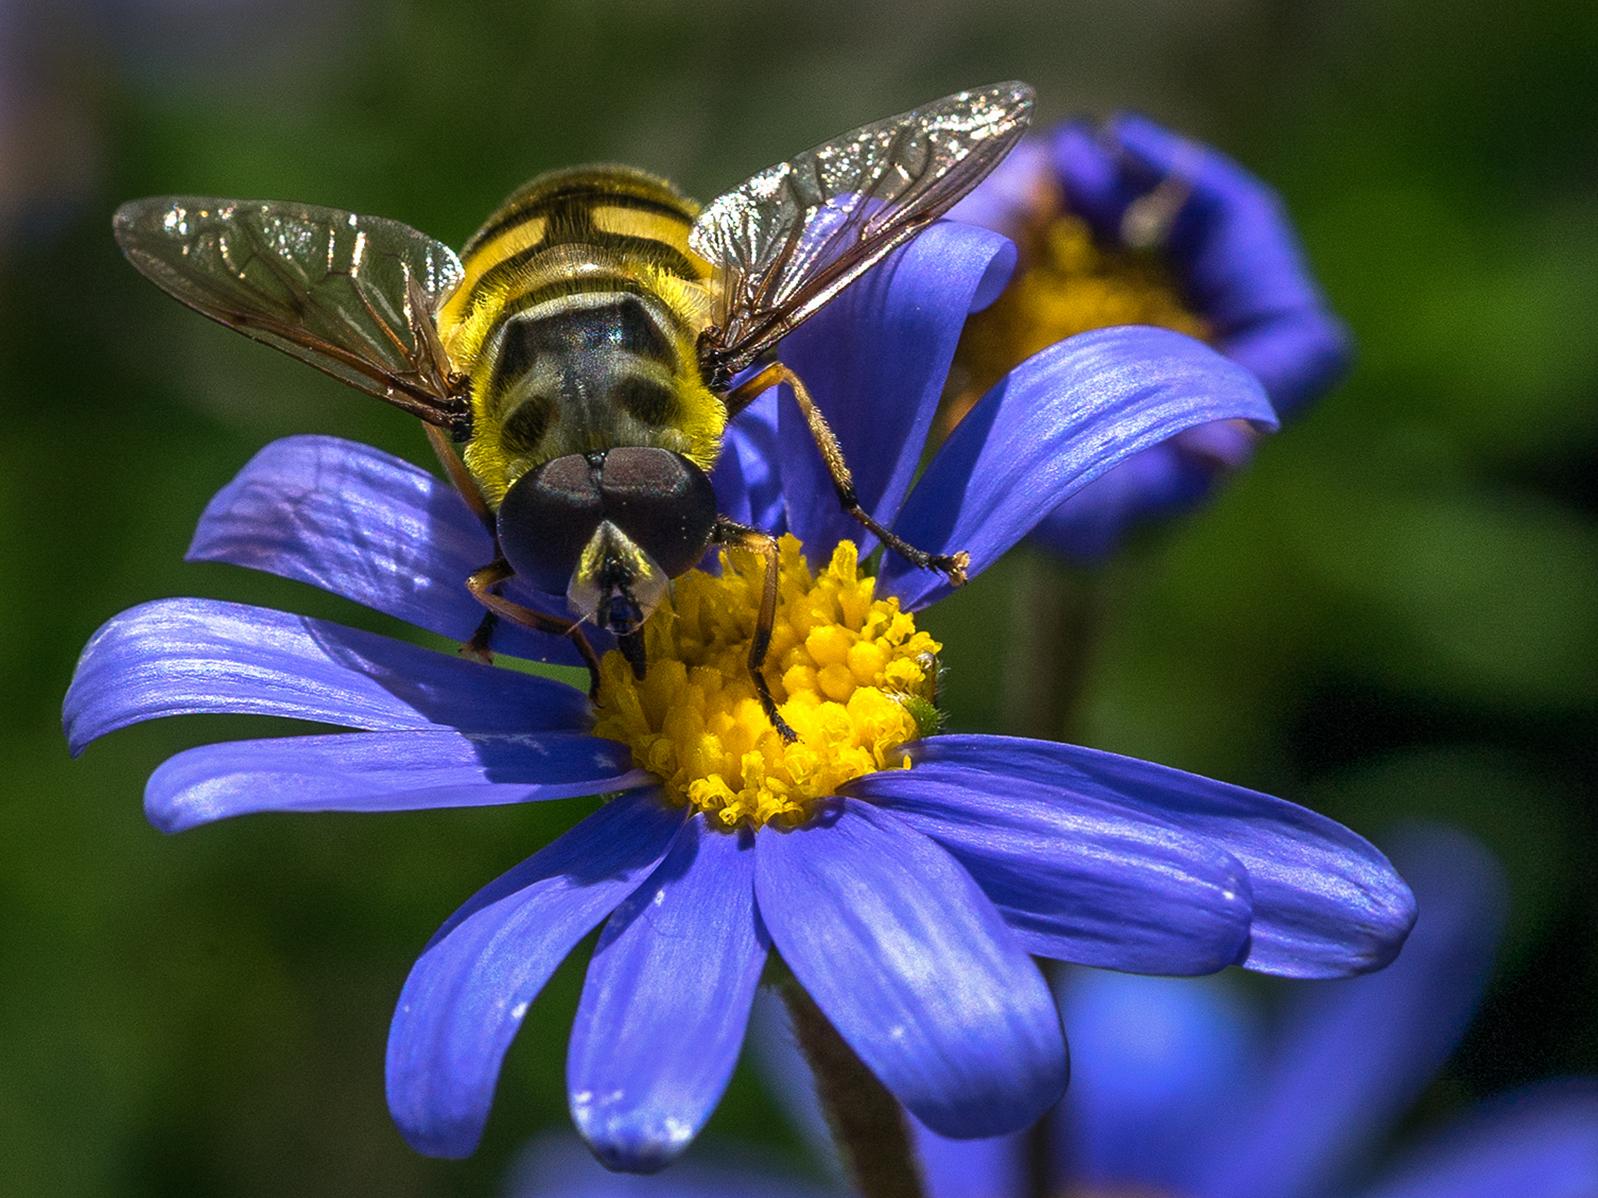 Hoverfly on Daisy